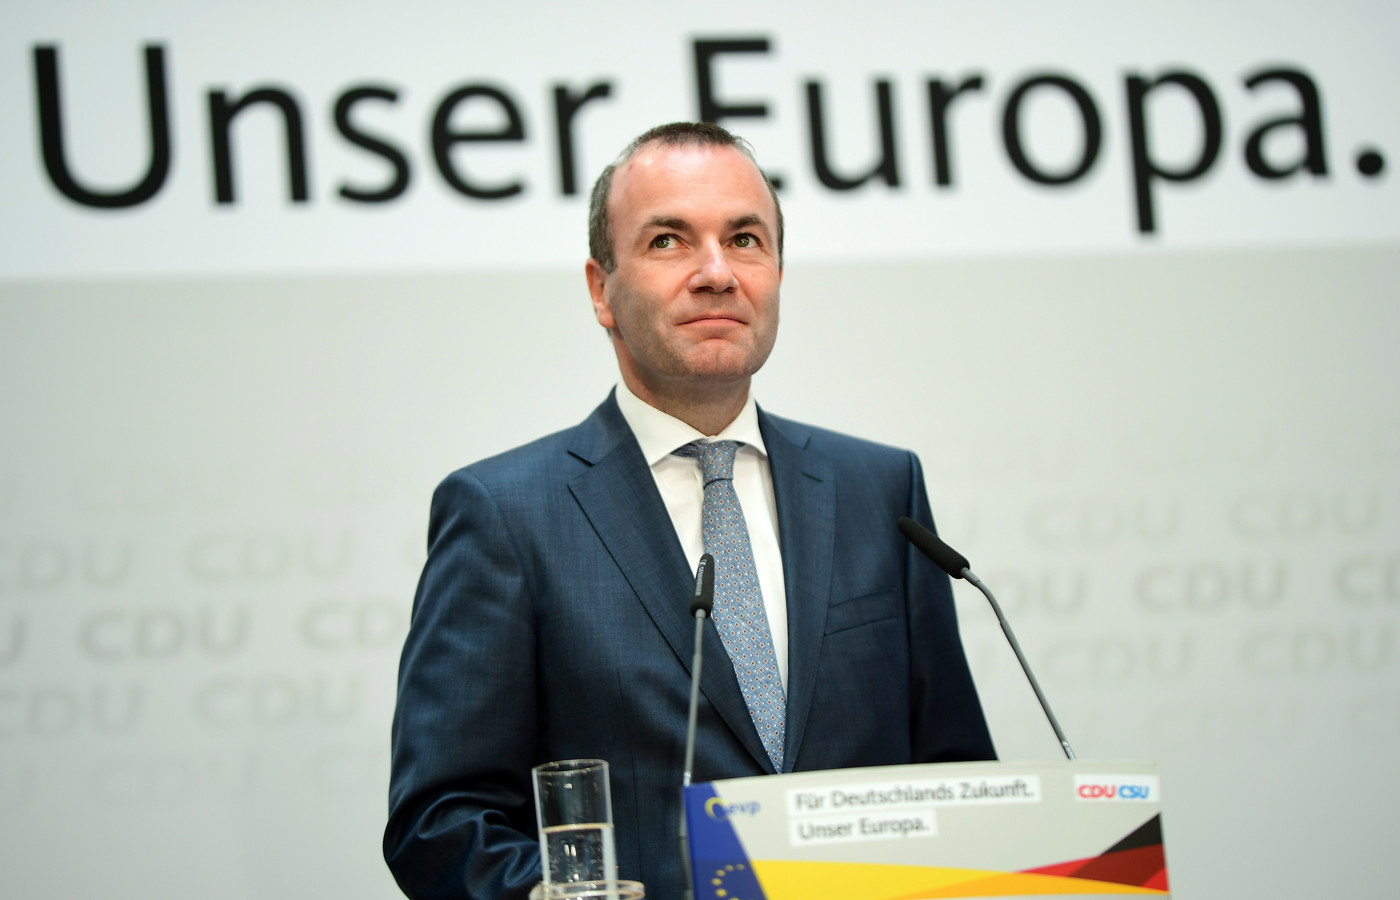 Wordt lijsttrekker Manfred Weber van de Europese christendemocraten de voorzitter van de Europese Commissie nu zijn fractie in Europa de grootste is gebleven?